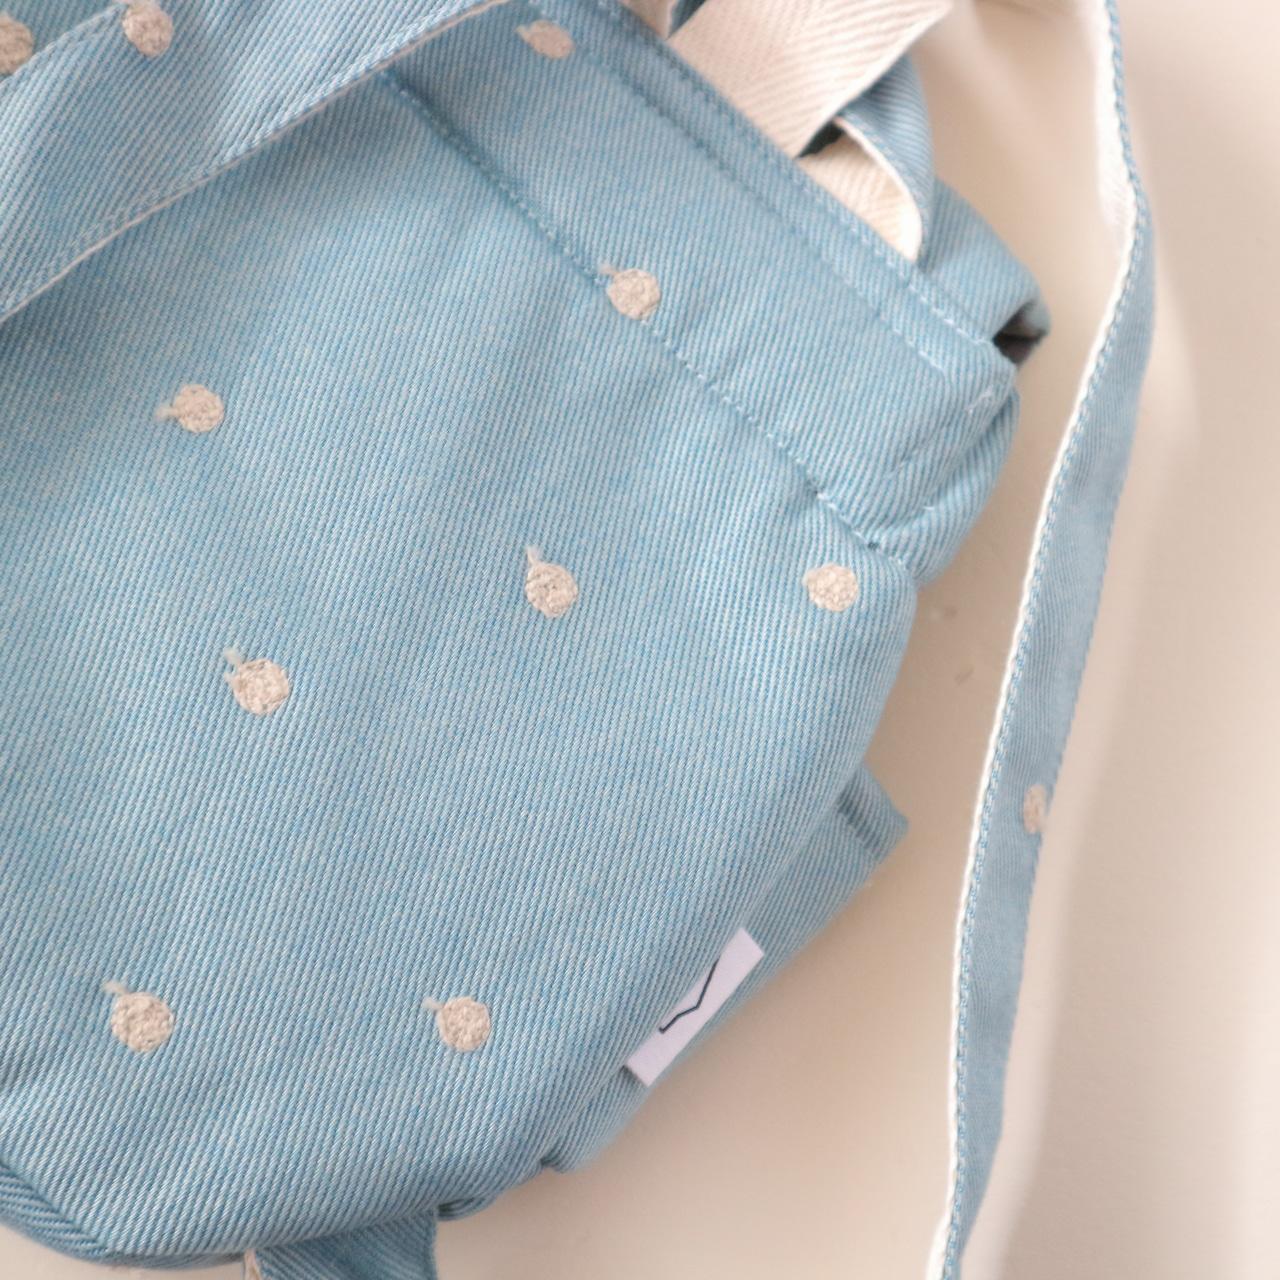 ドット刺繍のベビーリュック(ブルーデニム)